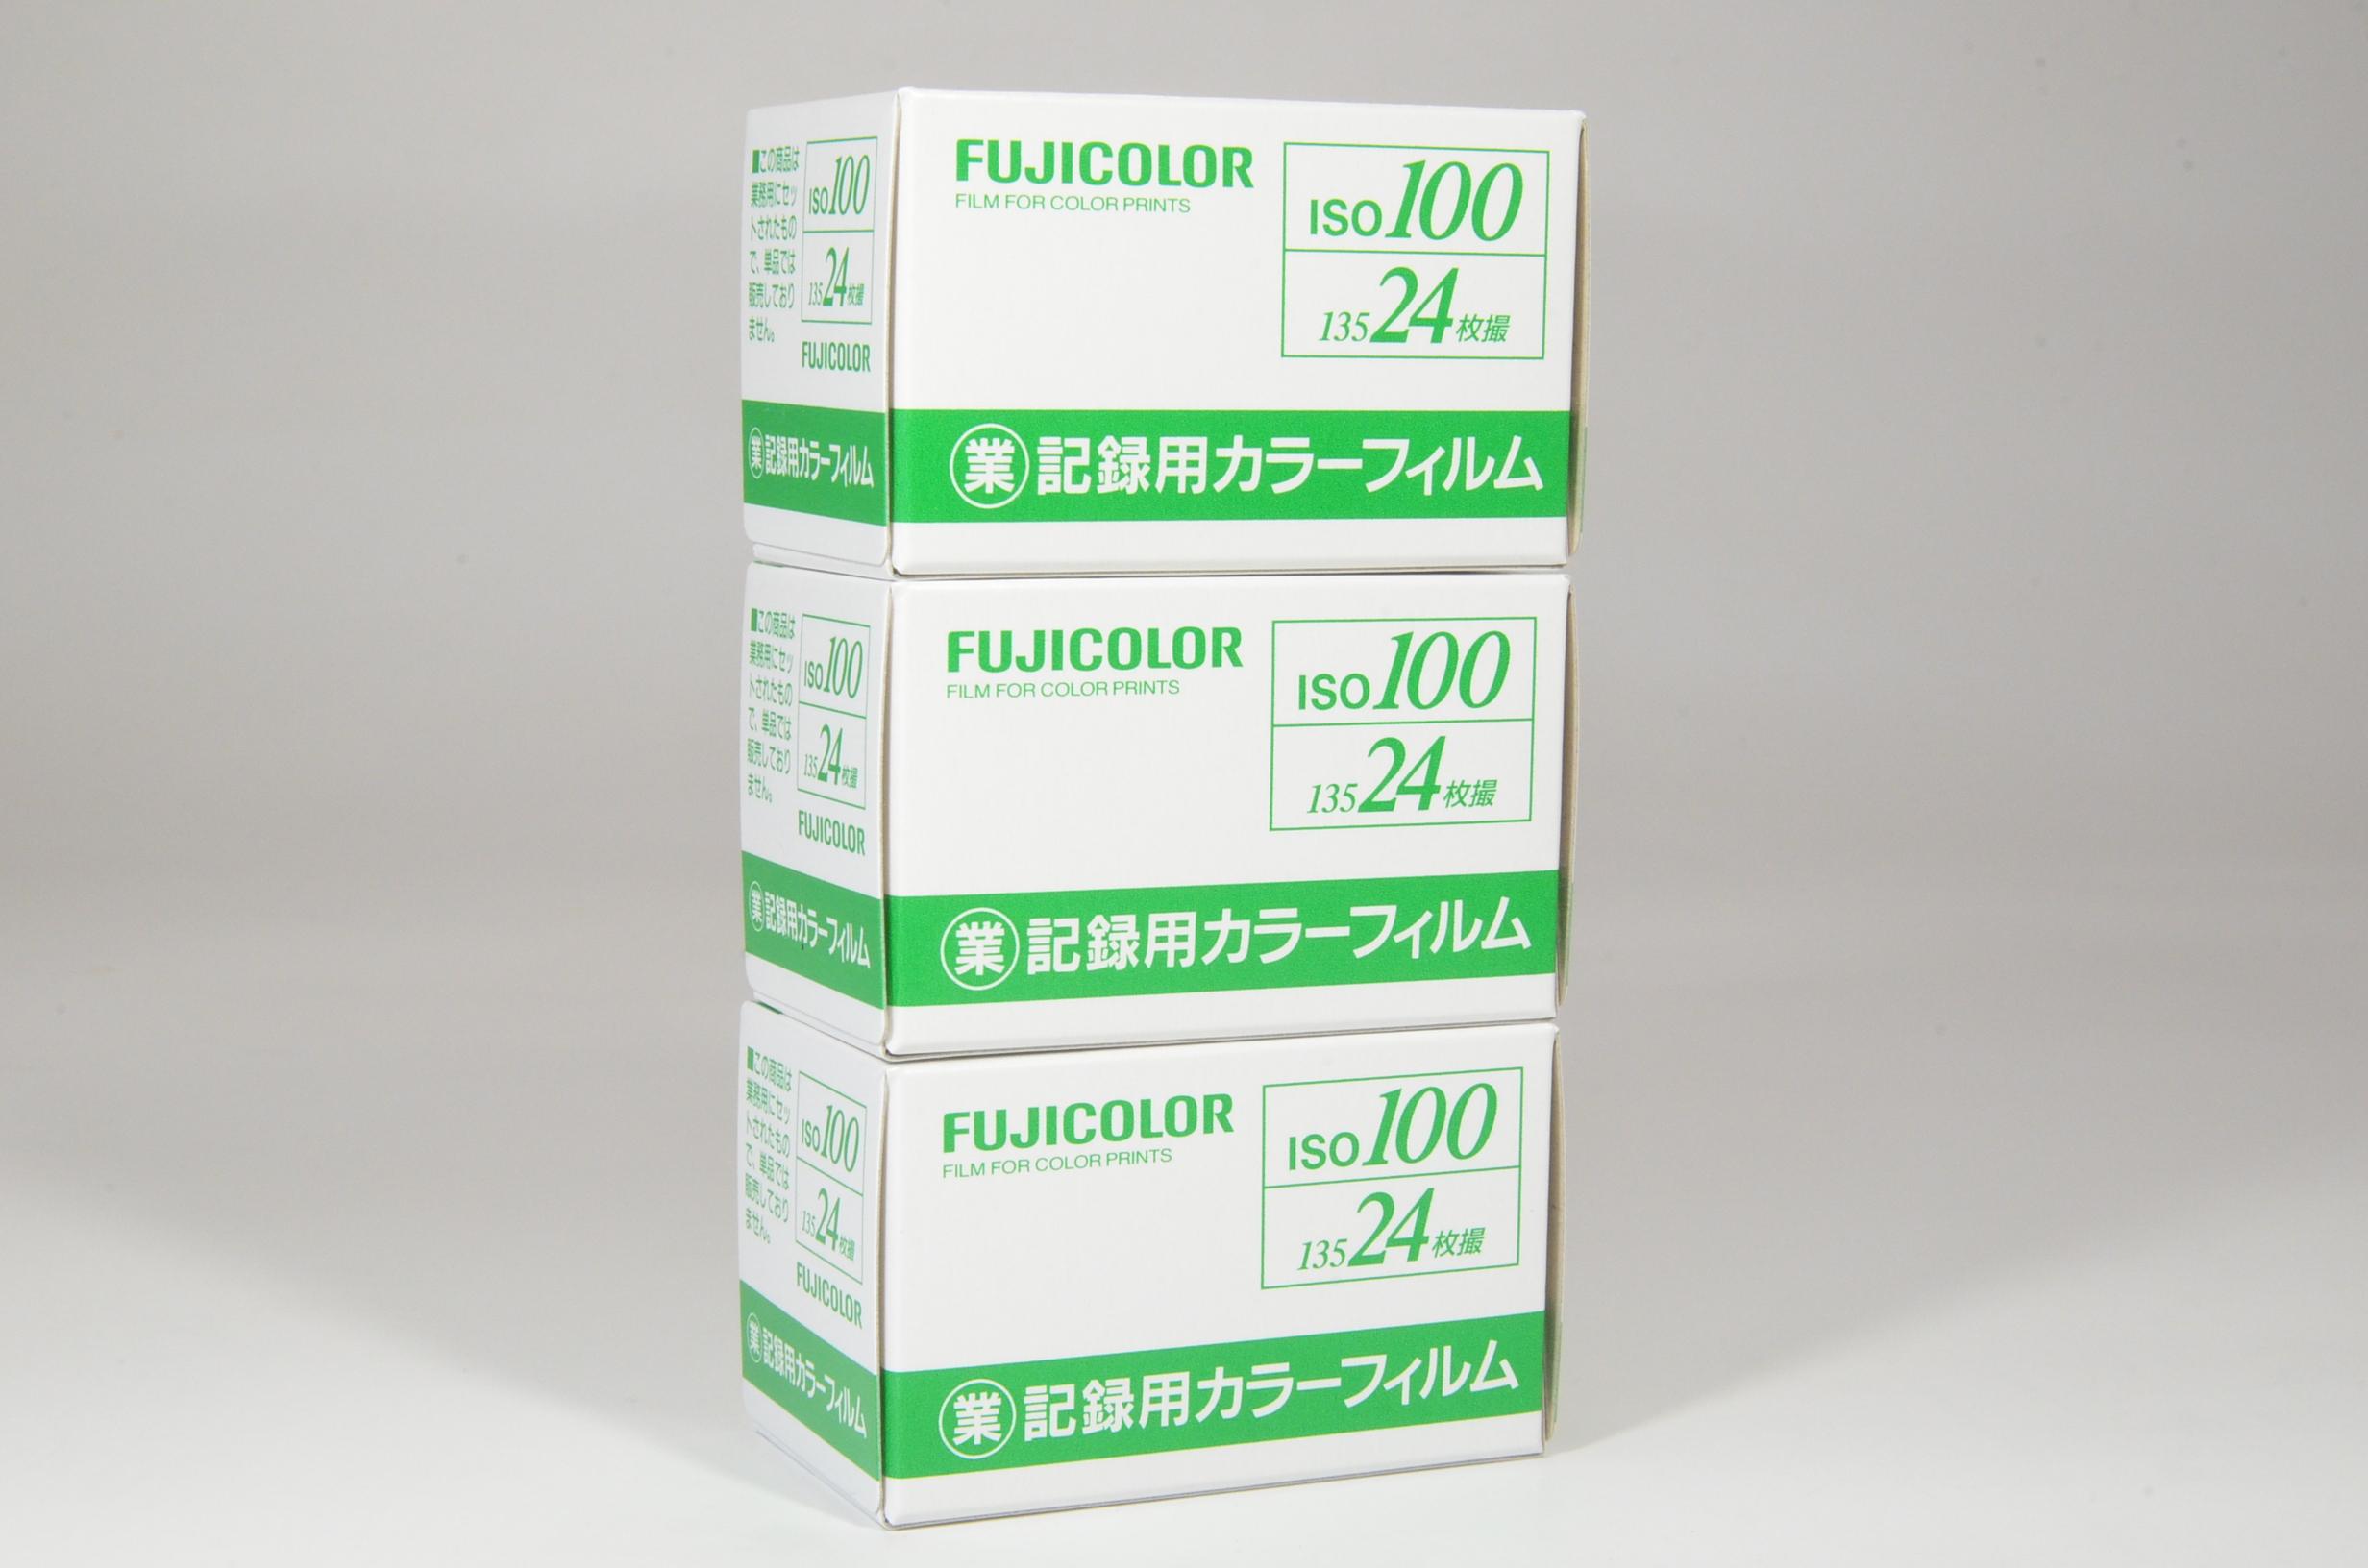 fujifilm fujicolor industrial iso 100 color negative film 24 exp 3 rolls